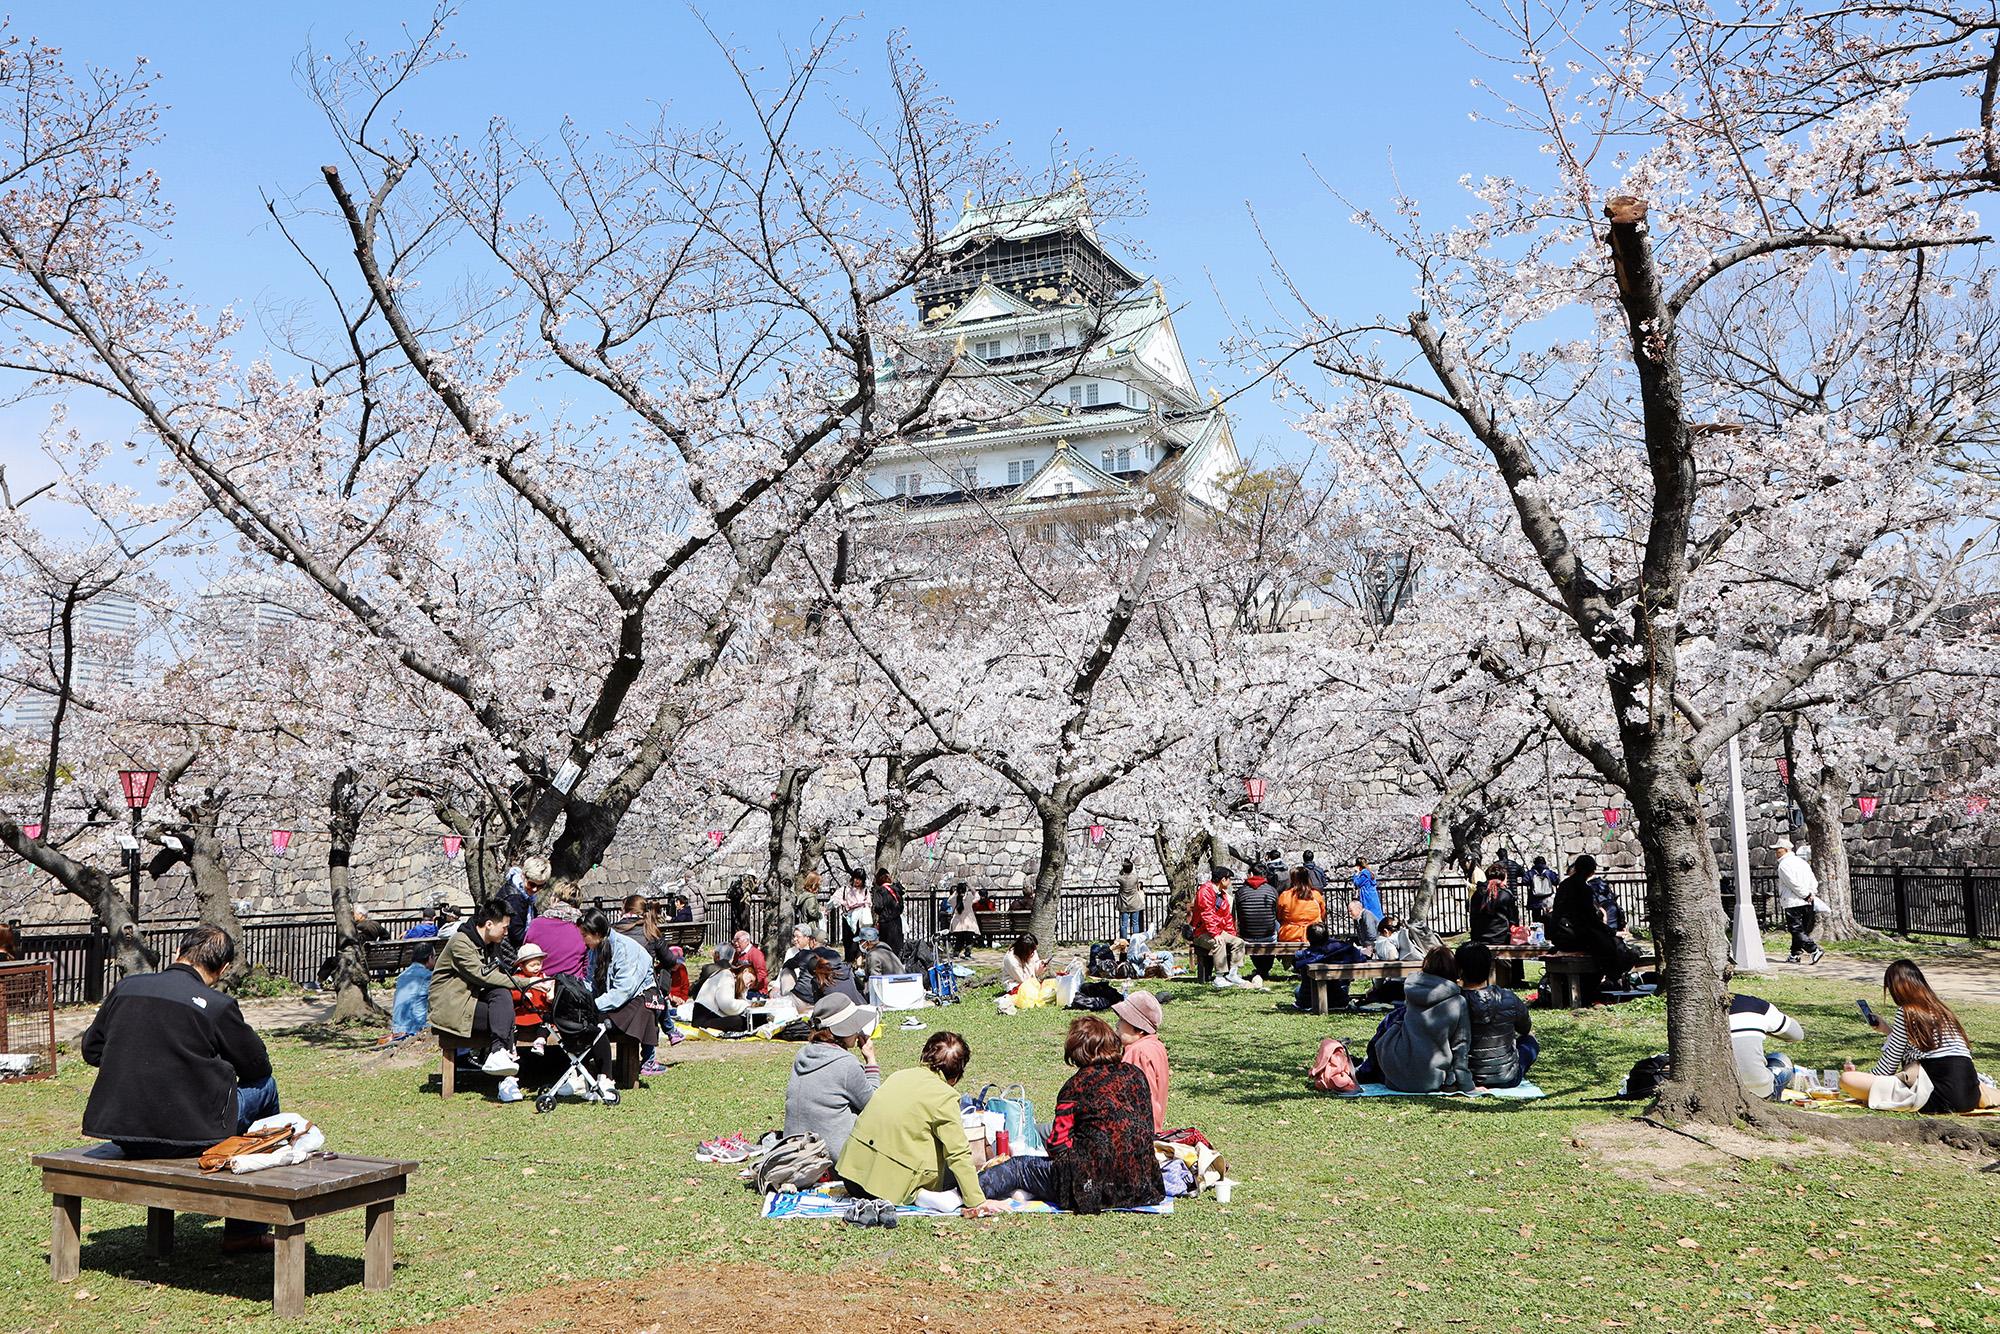 Японцы любуются цветами вишни (эта традиция любования называется ханами. — Esquire) нафоне замка вОсаке